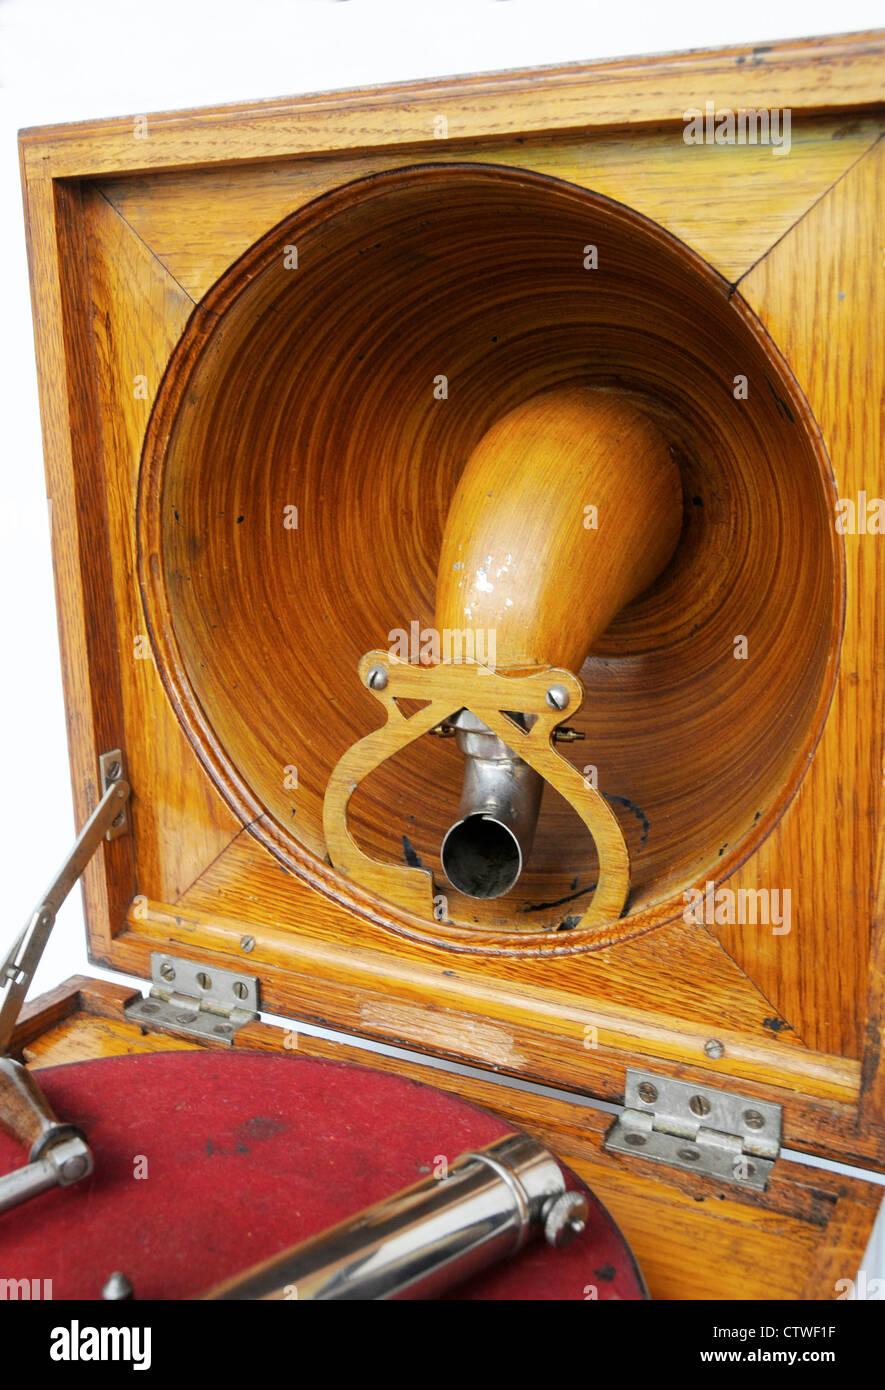 Pathe Saphone grammofono Elf fonografo Vintage Antique 1910 è un grammofono francese utilizzando una stilo Immagini Stock